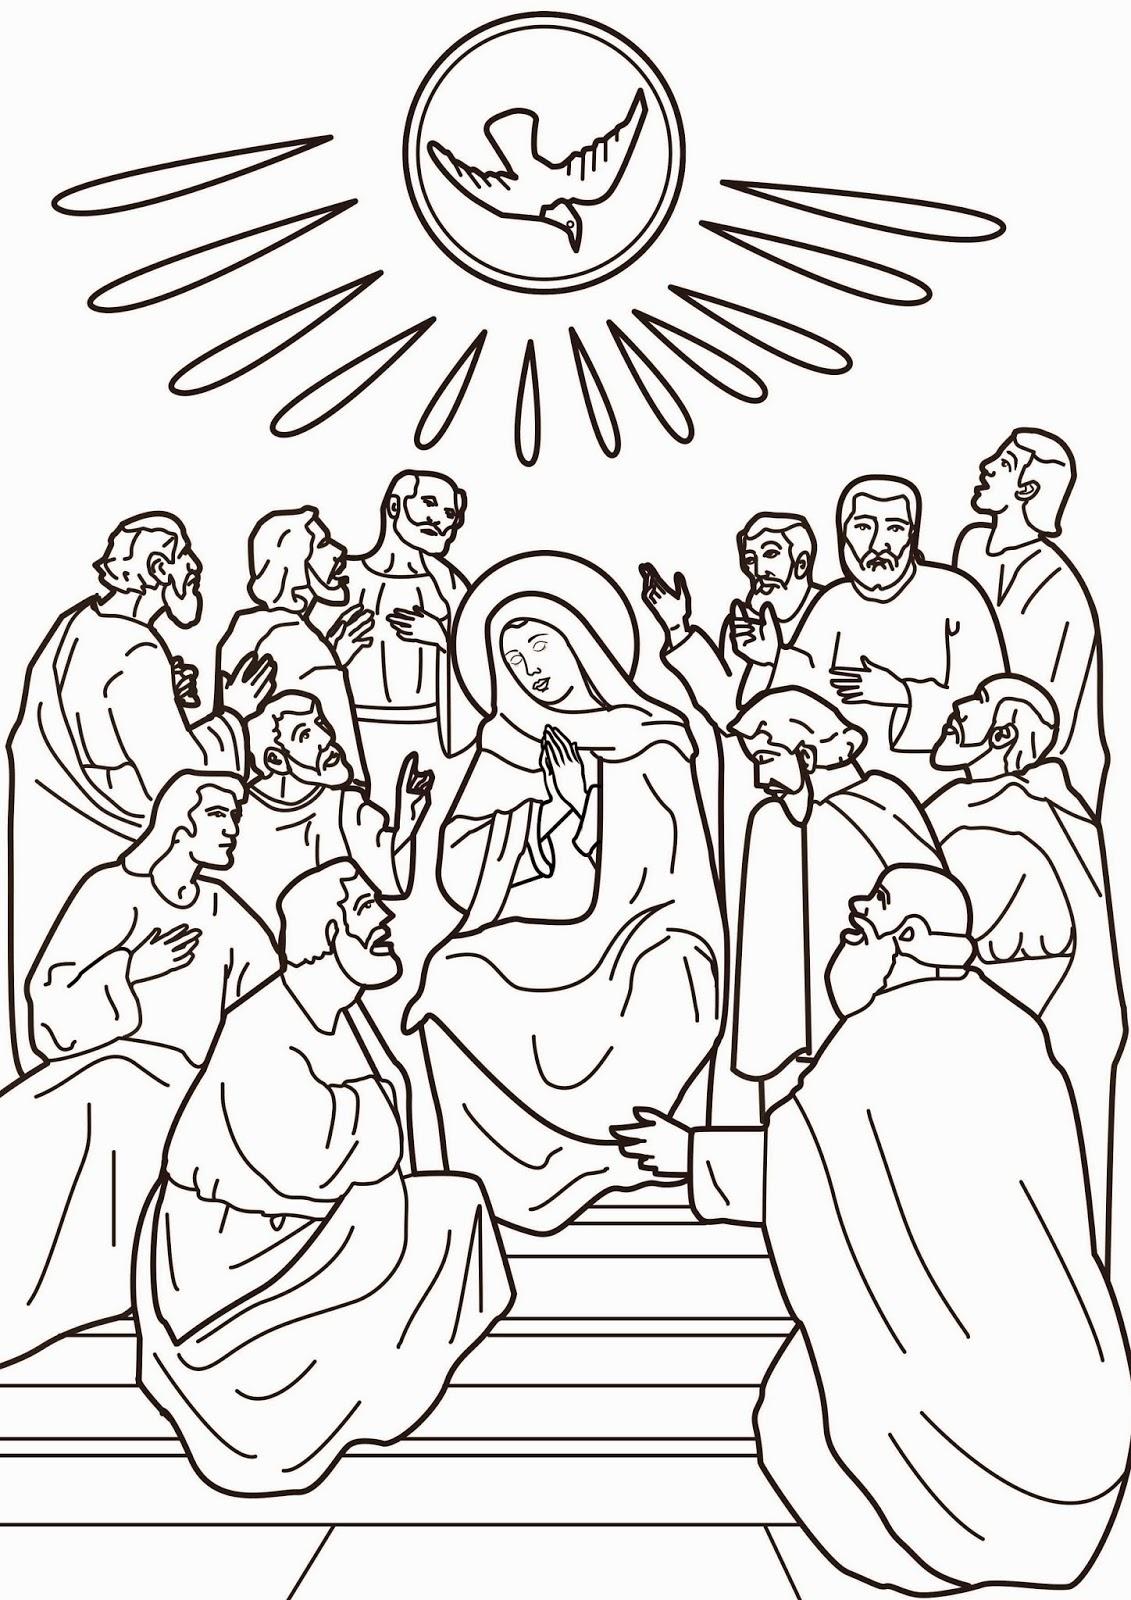 Imagenes Cristianas Para Colorear: La Venida Del Espiritu Santo Para ...